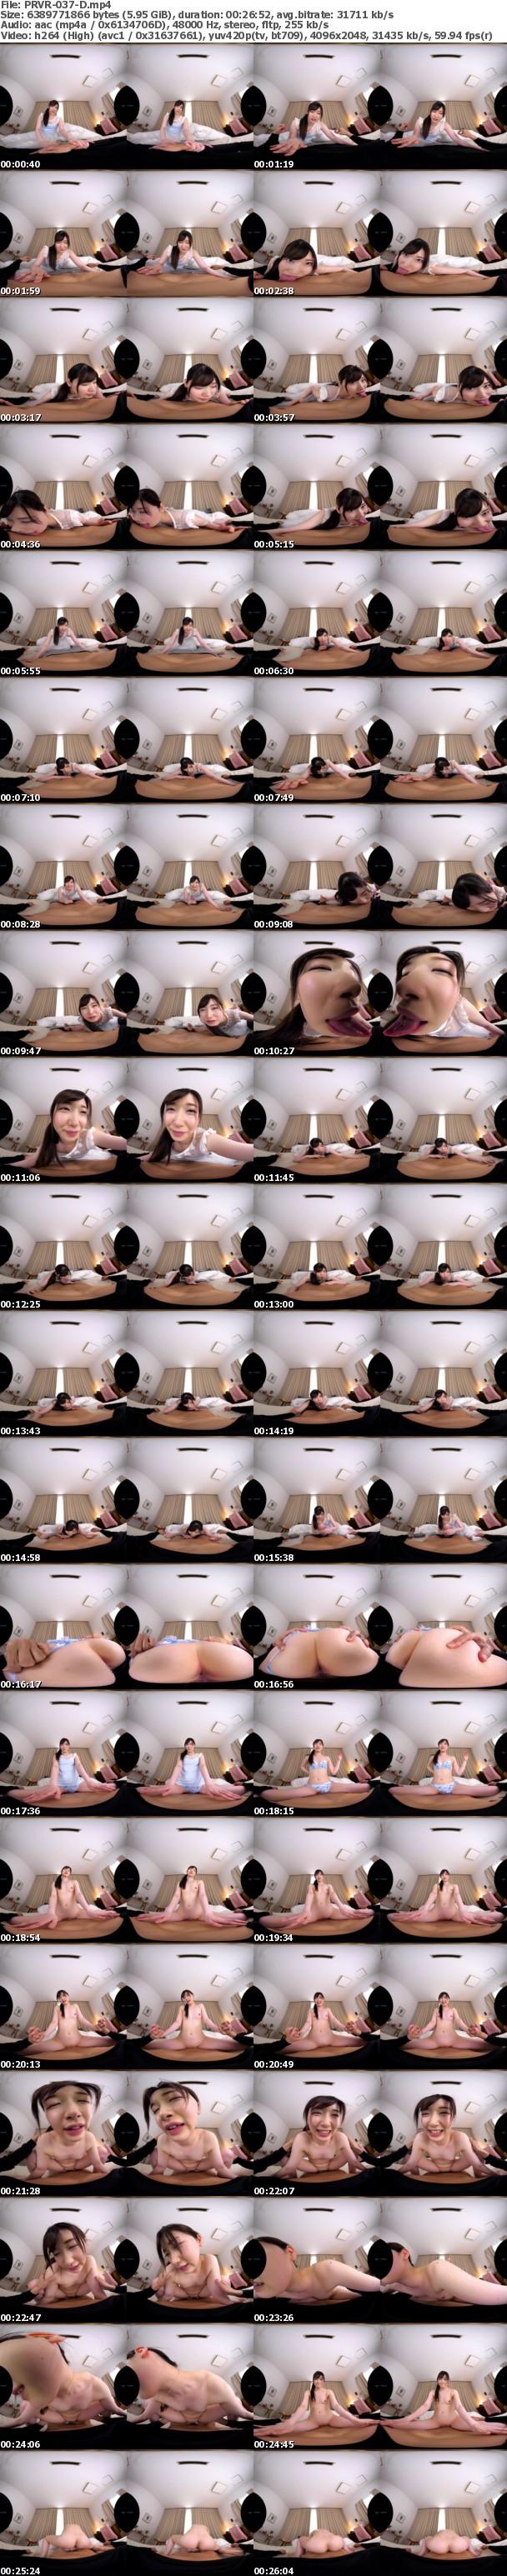 (VR) PRVR-037 【HQ超高画質!】10頭身女子アナ香椎花乃・初VR! 美形でお茶目でボクにだけ超エッチ!な彼女といちゃラブべろちゅー!美肌お風呂洗い&艶顔フェラで勃起度MAX!リズミカルラブラブ騎乗位で中出しも! 心も身体も満たされる最高の同棲生活!